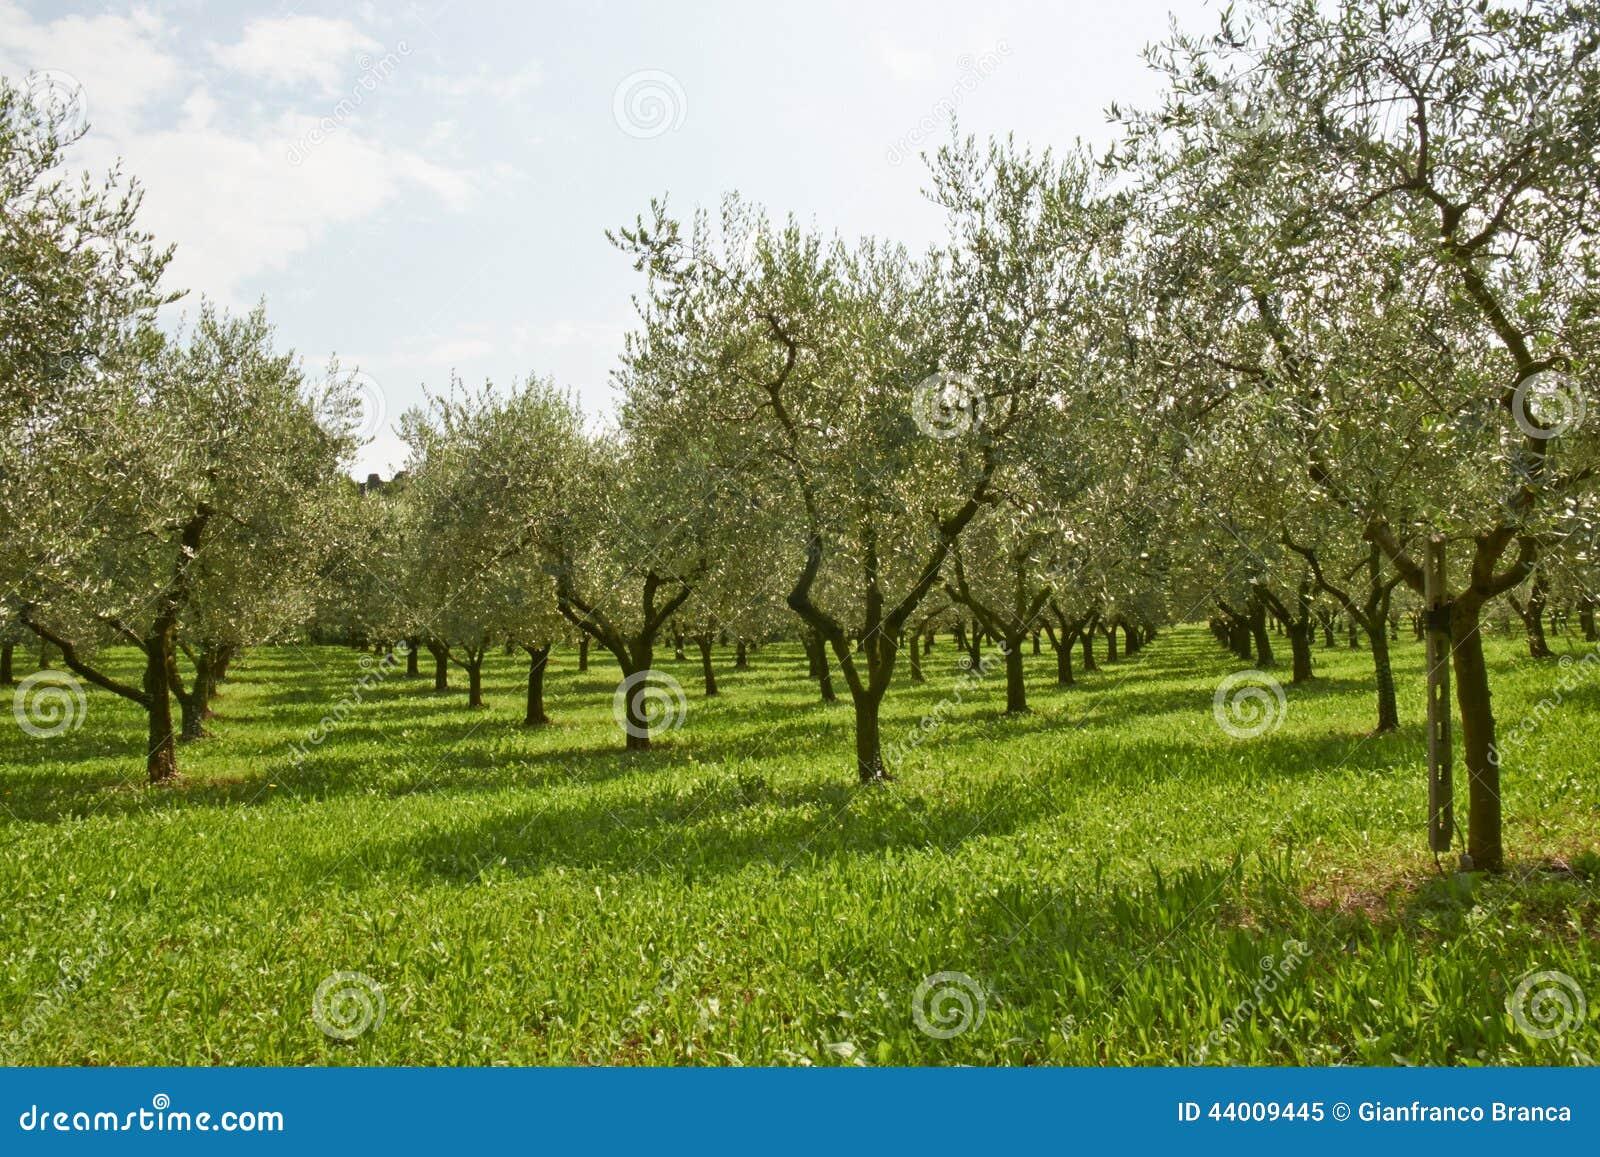 Piante verde oliva